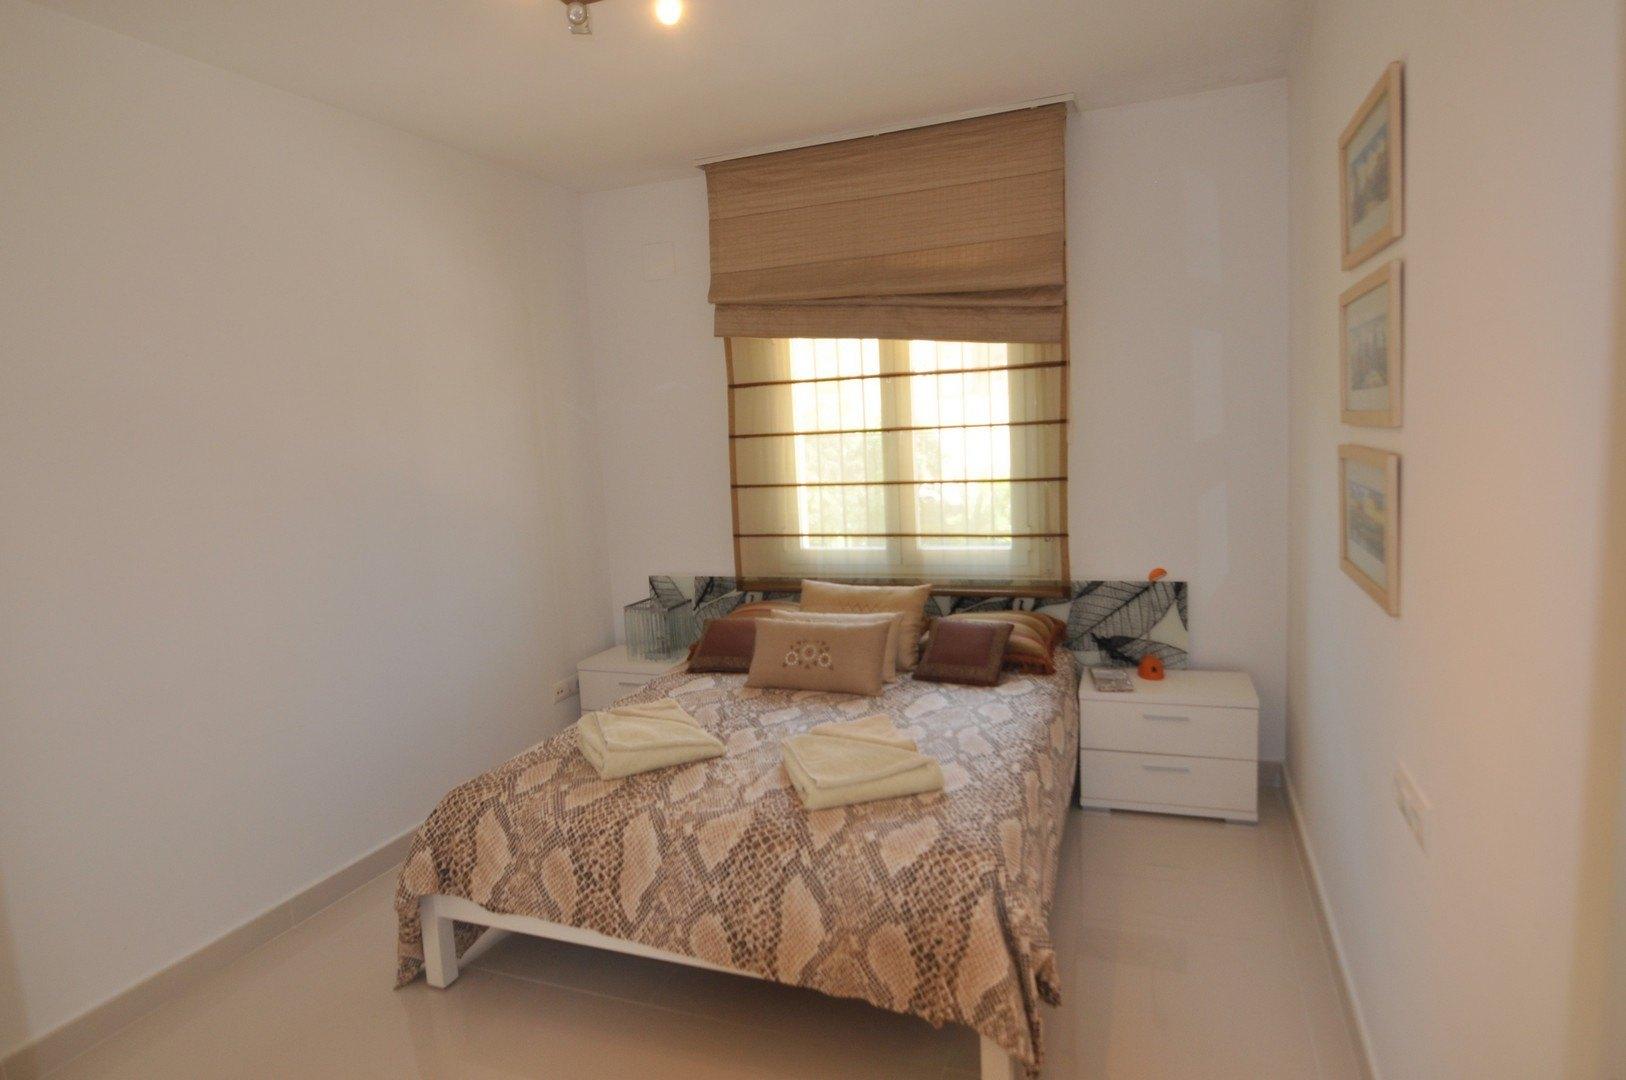 Photogallery - 9 - Build a villa in Moraira: villas for sale in Moraira